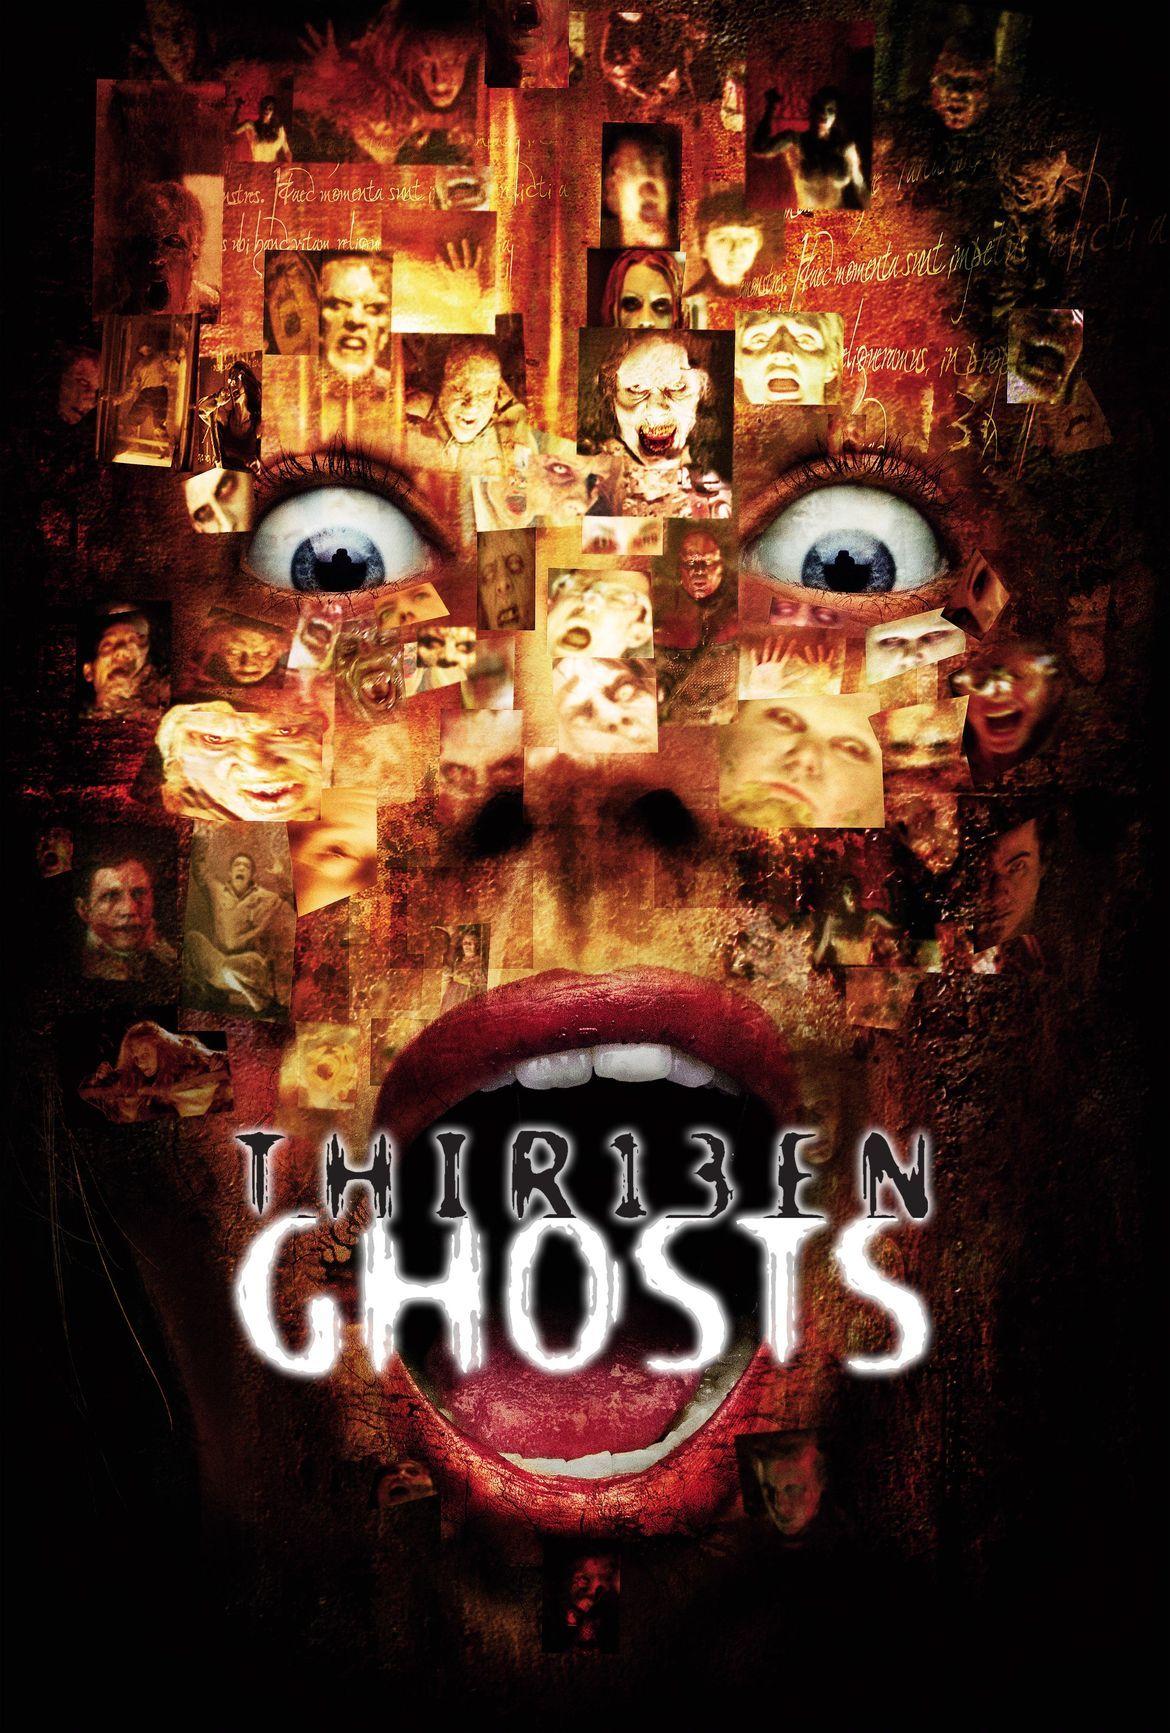 Park Art My WordPress Blog_Thirteen Ghosts Full Movie Free